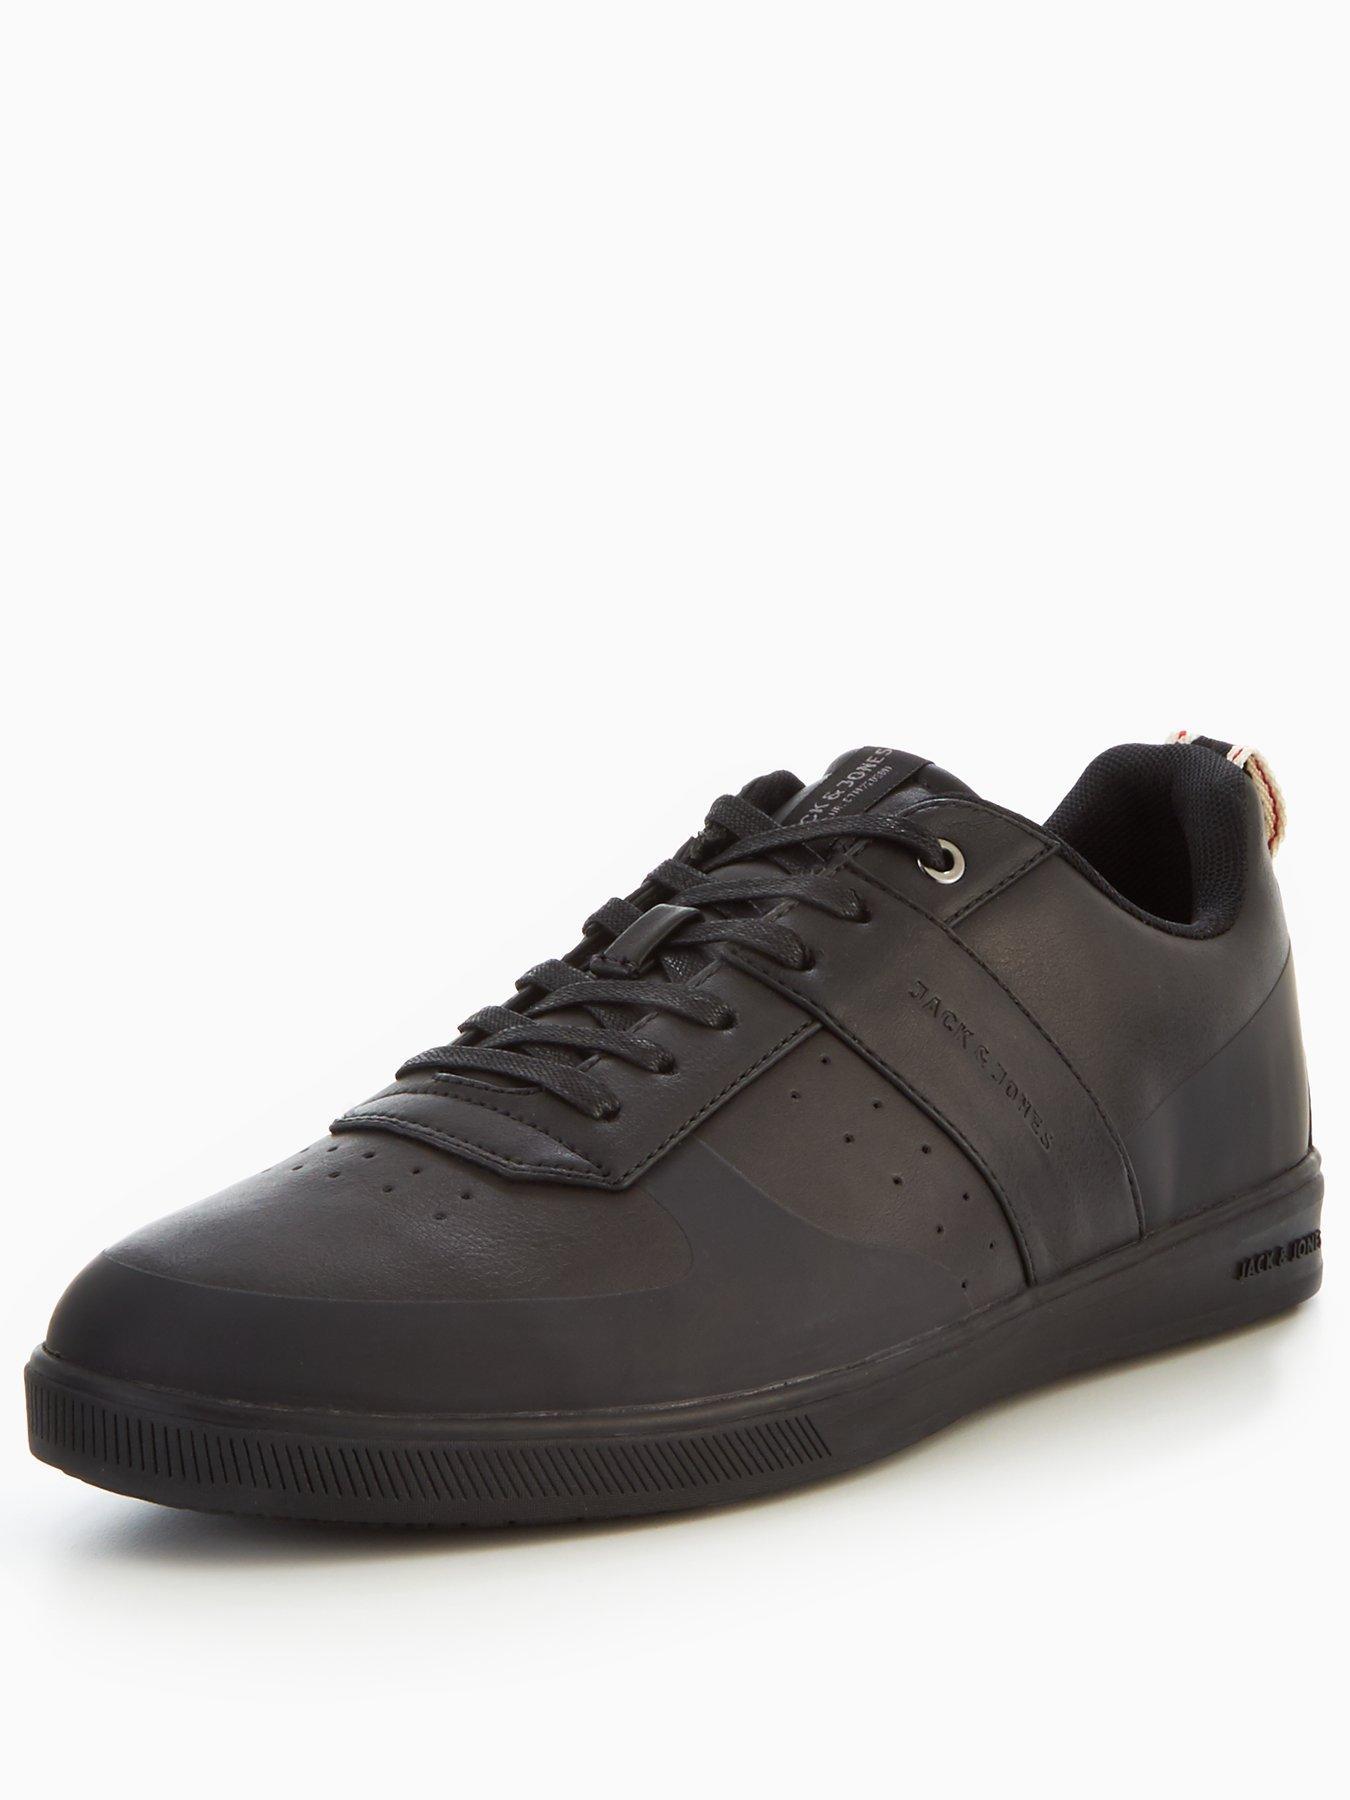 Jack Jones Jack Jones Kleen Trainer 1600171197 Men's Shoes Jack Jones Shoes